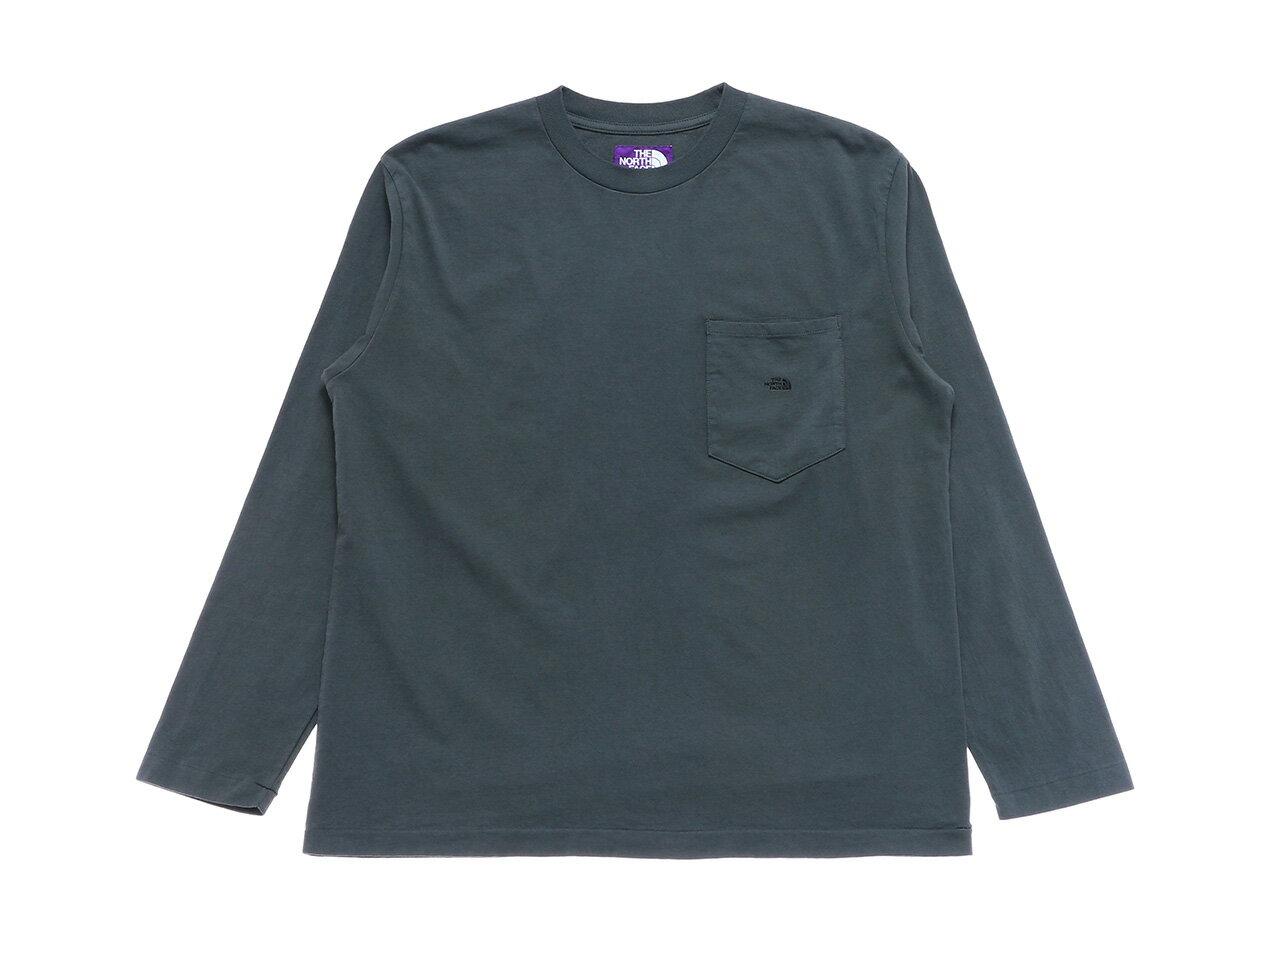 トップス, Tシャツ・カットソー THE NORTH FACE PURPLE LABEL 7oz LS Pocket Tee - (NT3058N) T